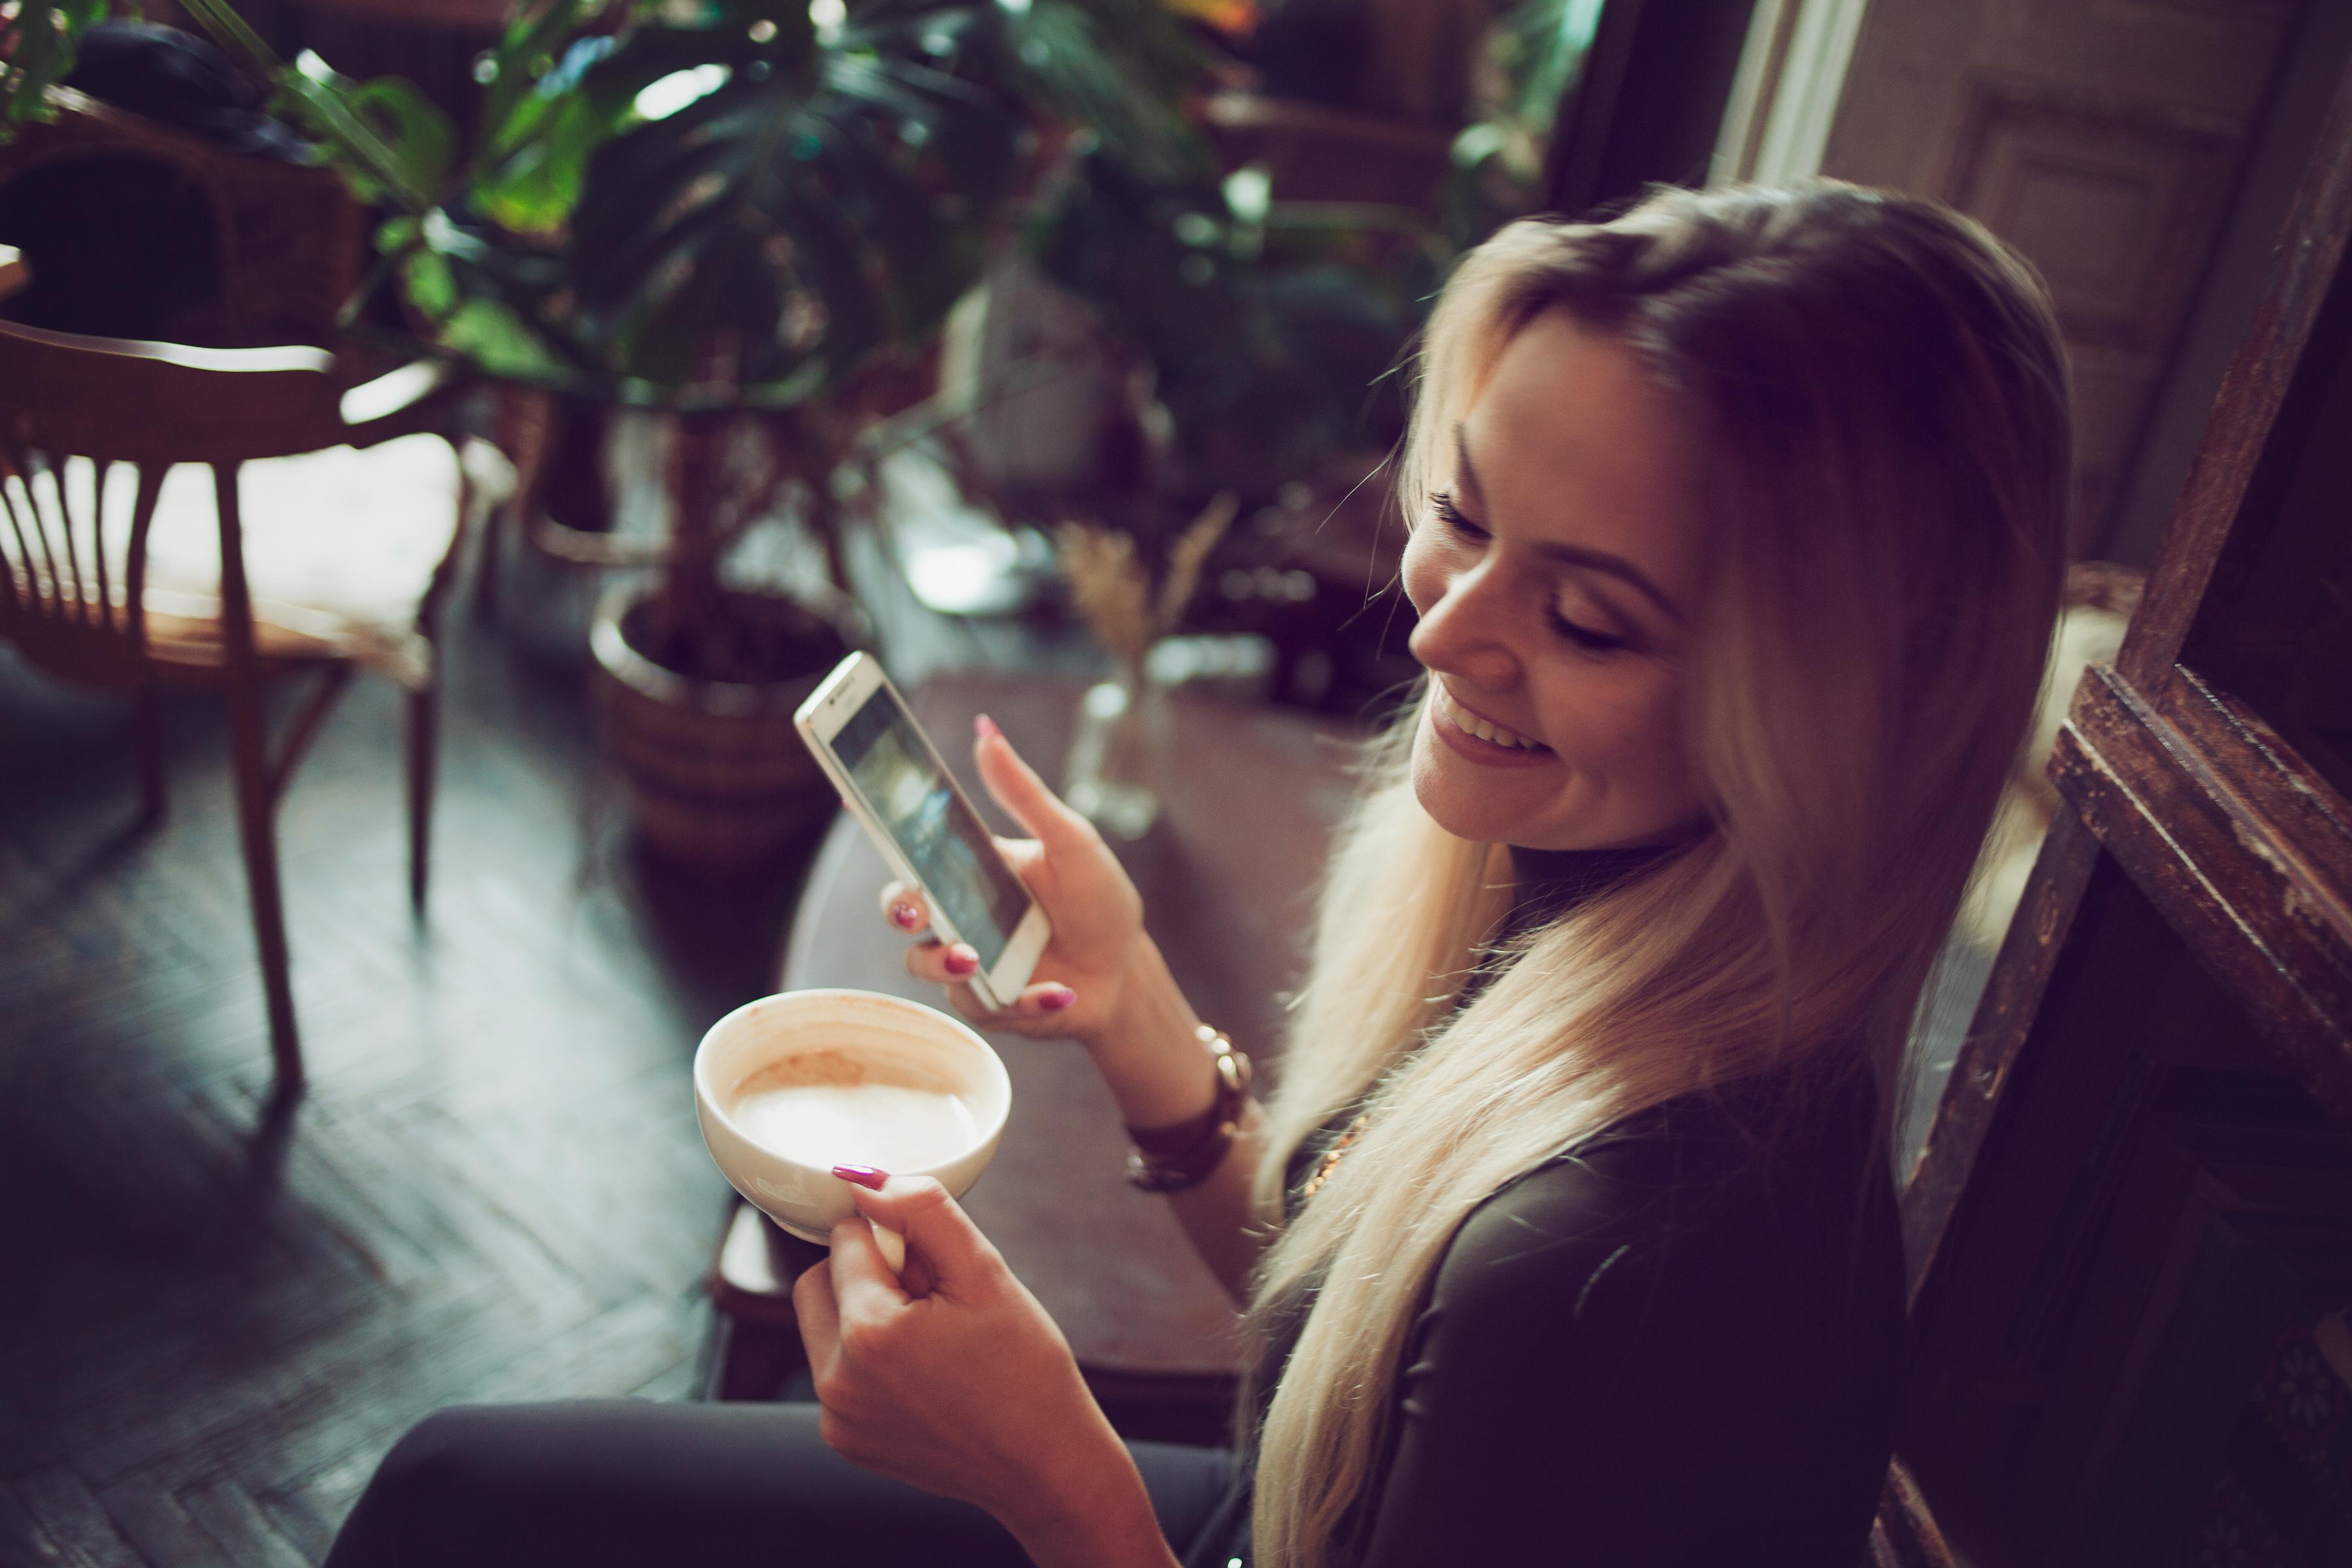 девушка в хорошем настроении